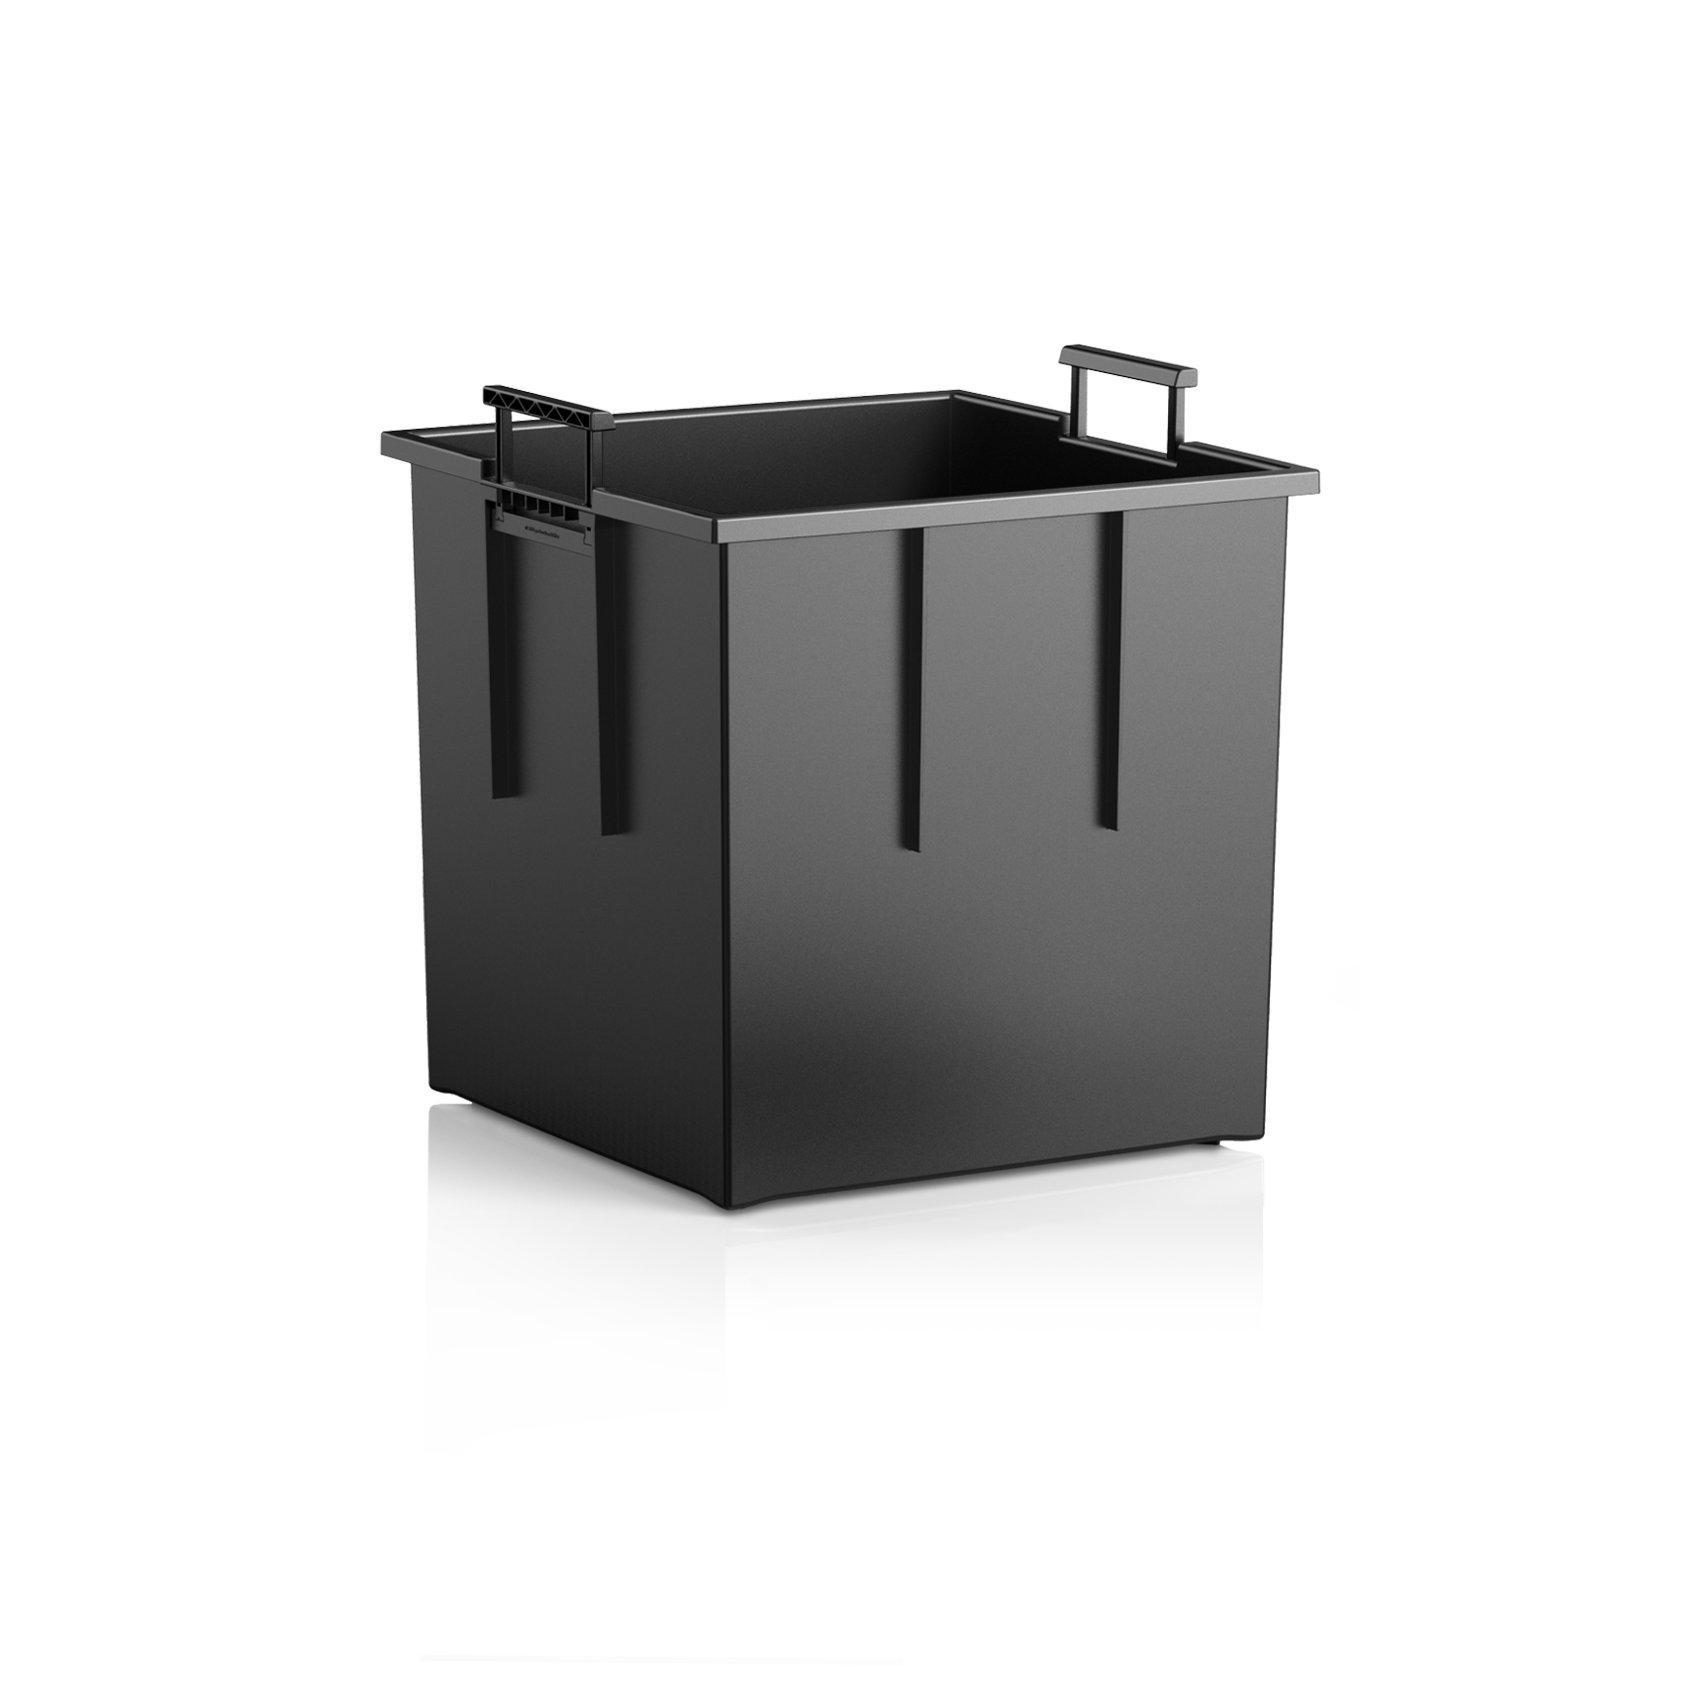 pflanzeinsatz-cubico-cube-trio_product_listingimage